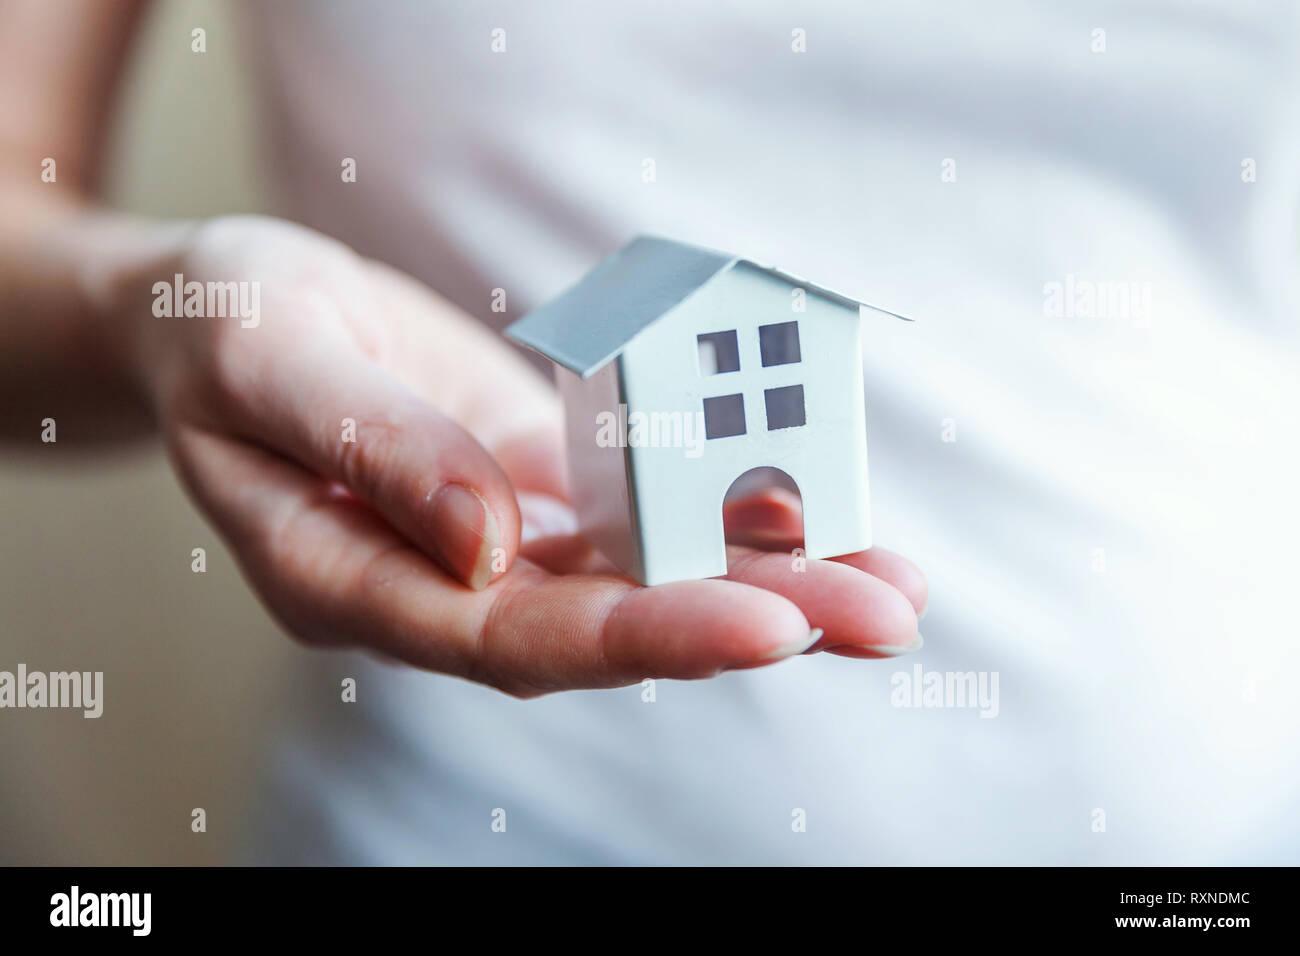 Weiblich frau Hände halten kleine Miniatur weiß Spielzeug Haus. Hypothek Sachversicherung traum Umzug und Immobilien Konzept Stockfoto